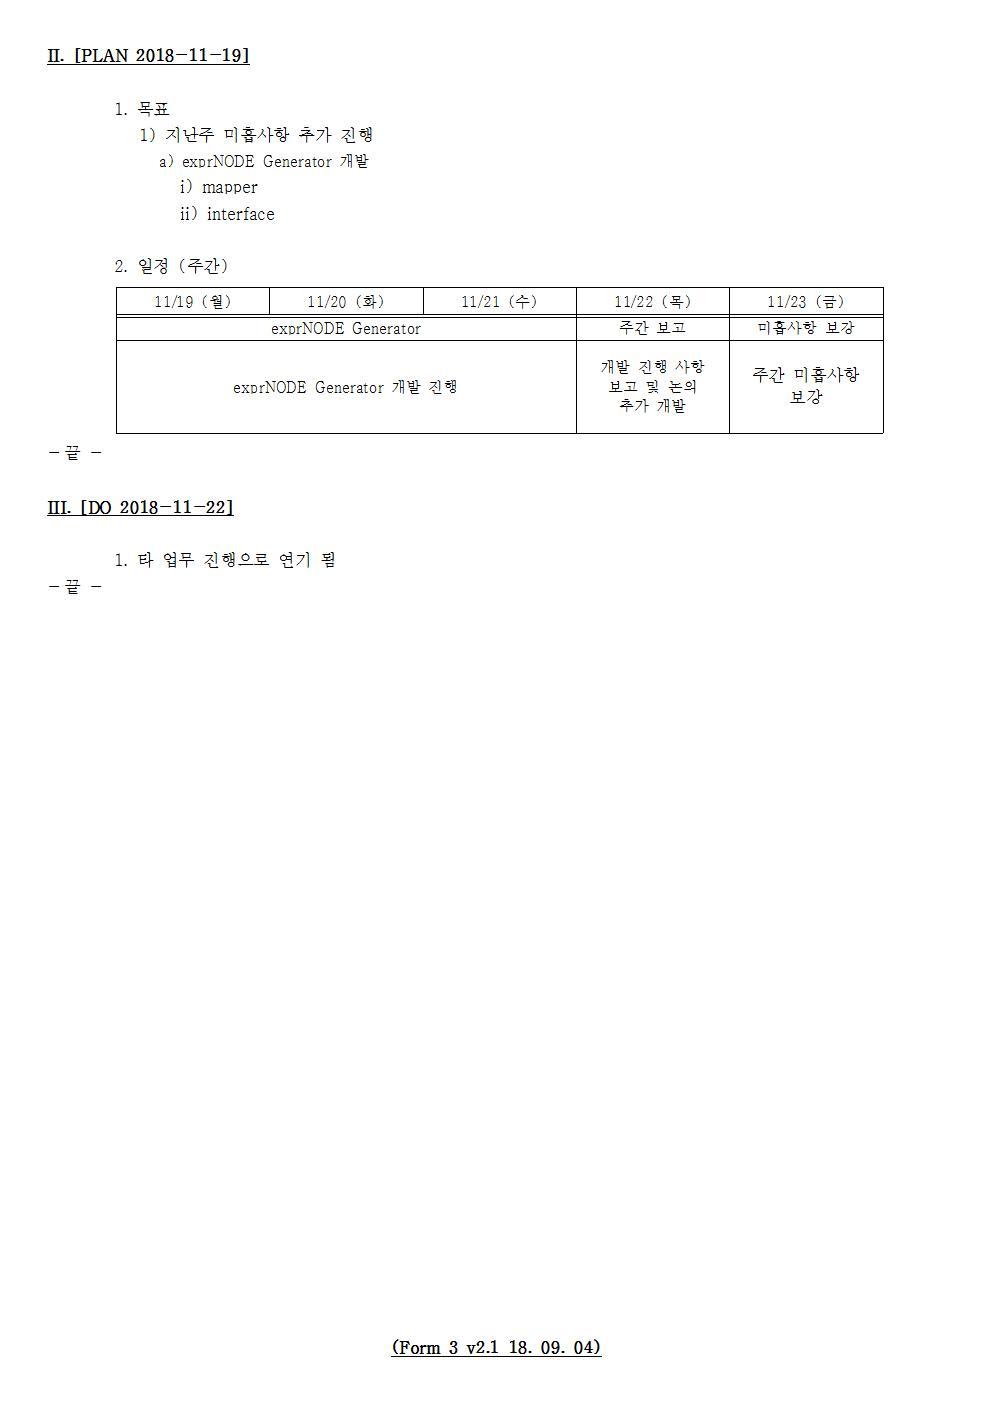 D-[18-003-RD-03]-[SRRE]-[2018-11-22][JS]002.jpg